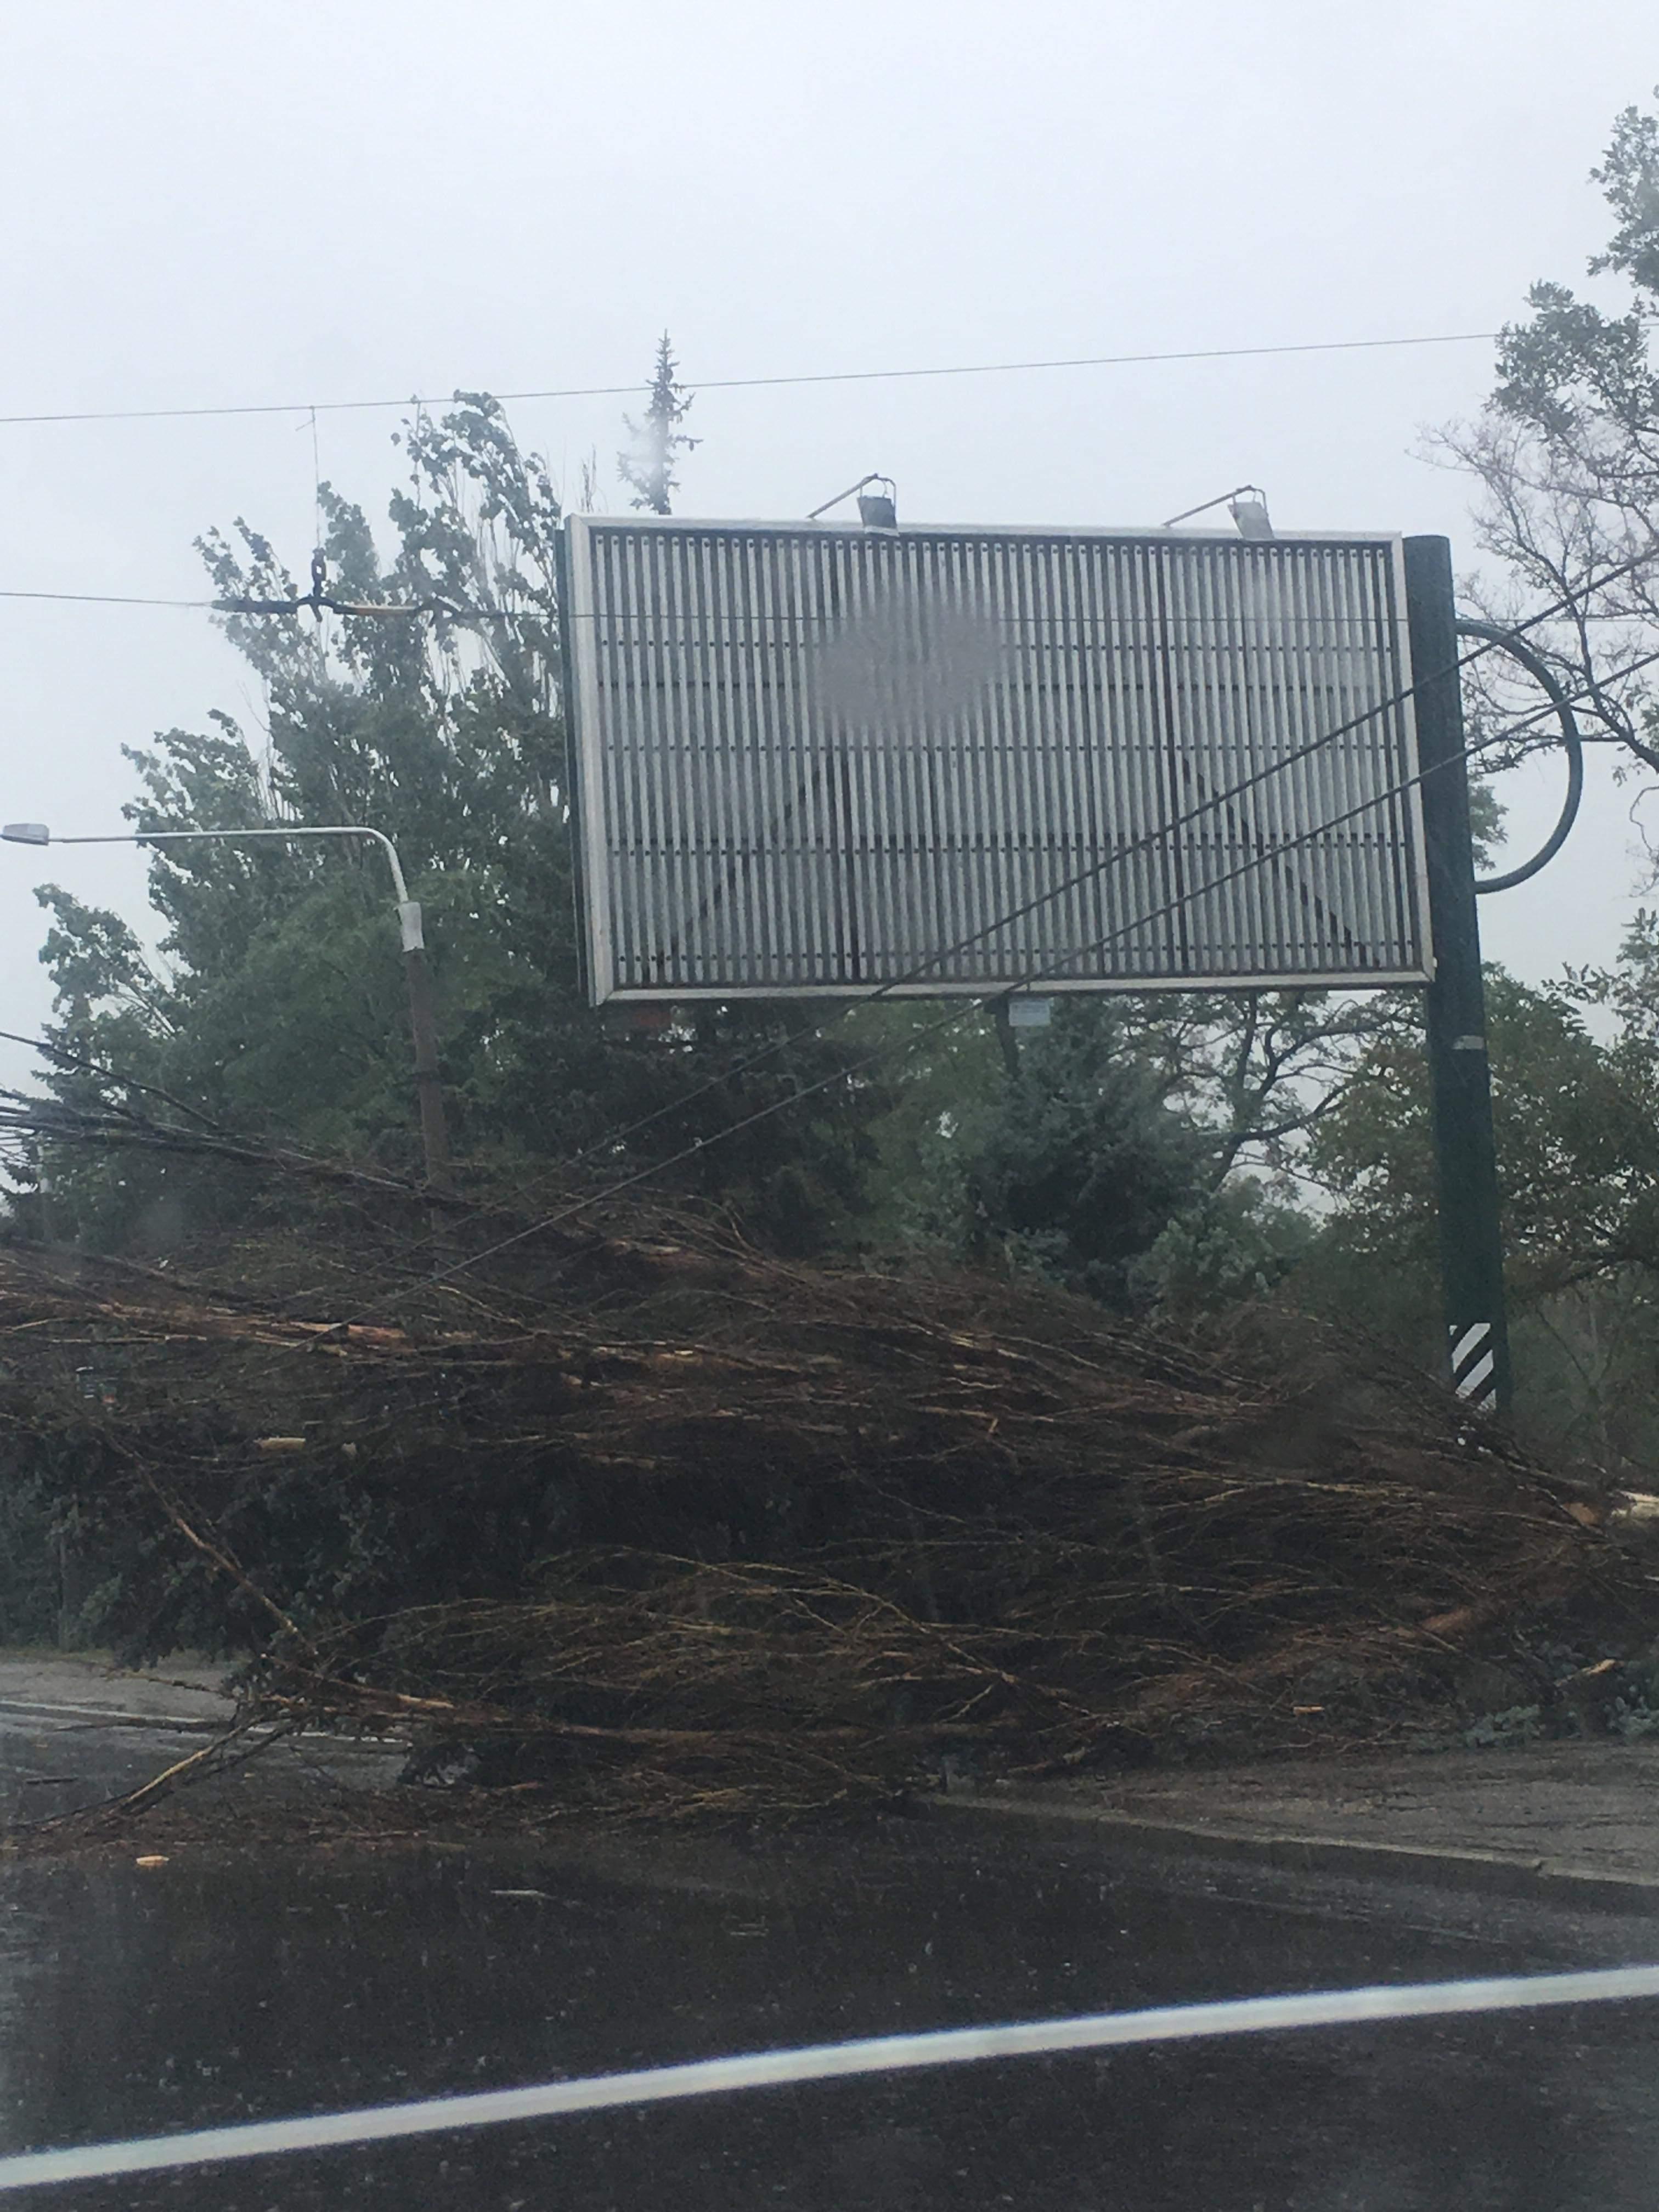 Негода в Запоріжжі: на центральному проспекті дерево впало прямо на проїжджу частину